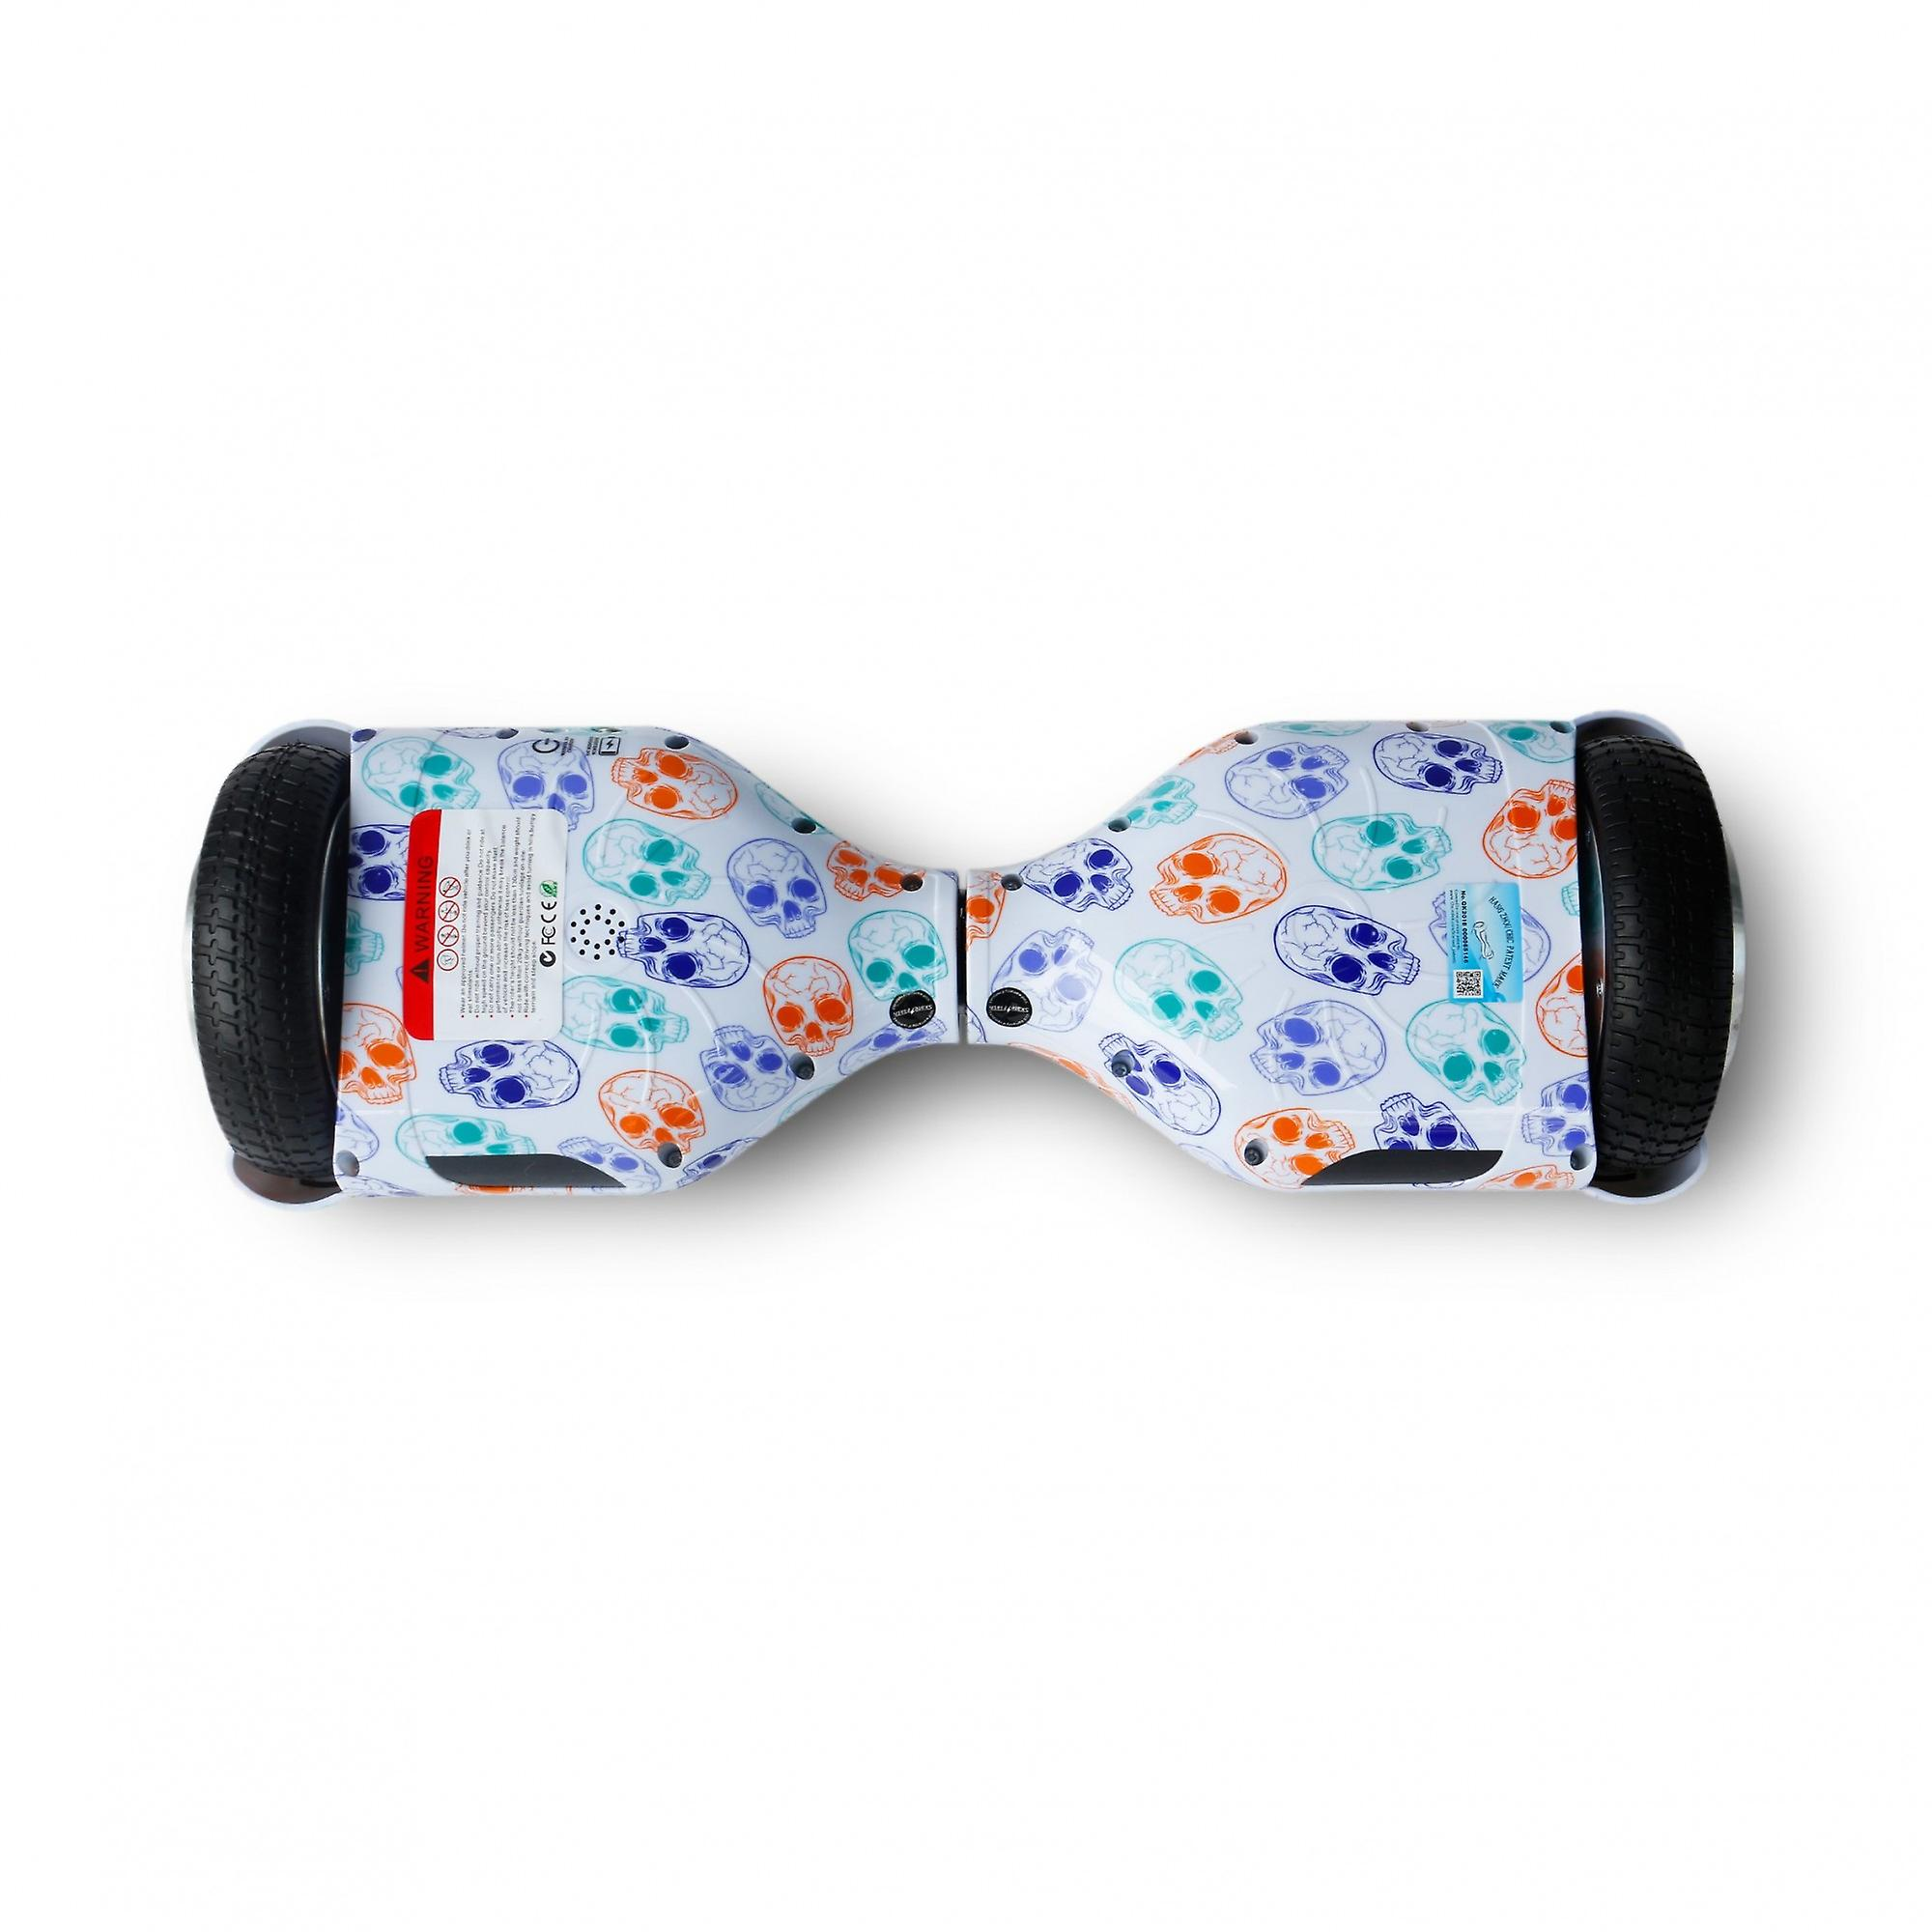 Hoverboard Skateflash K6 piraat Bluetooth + transport tas